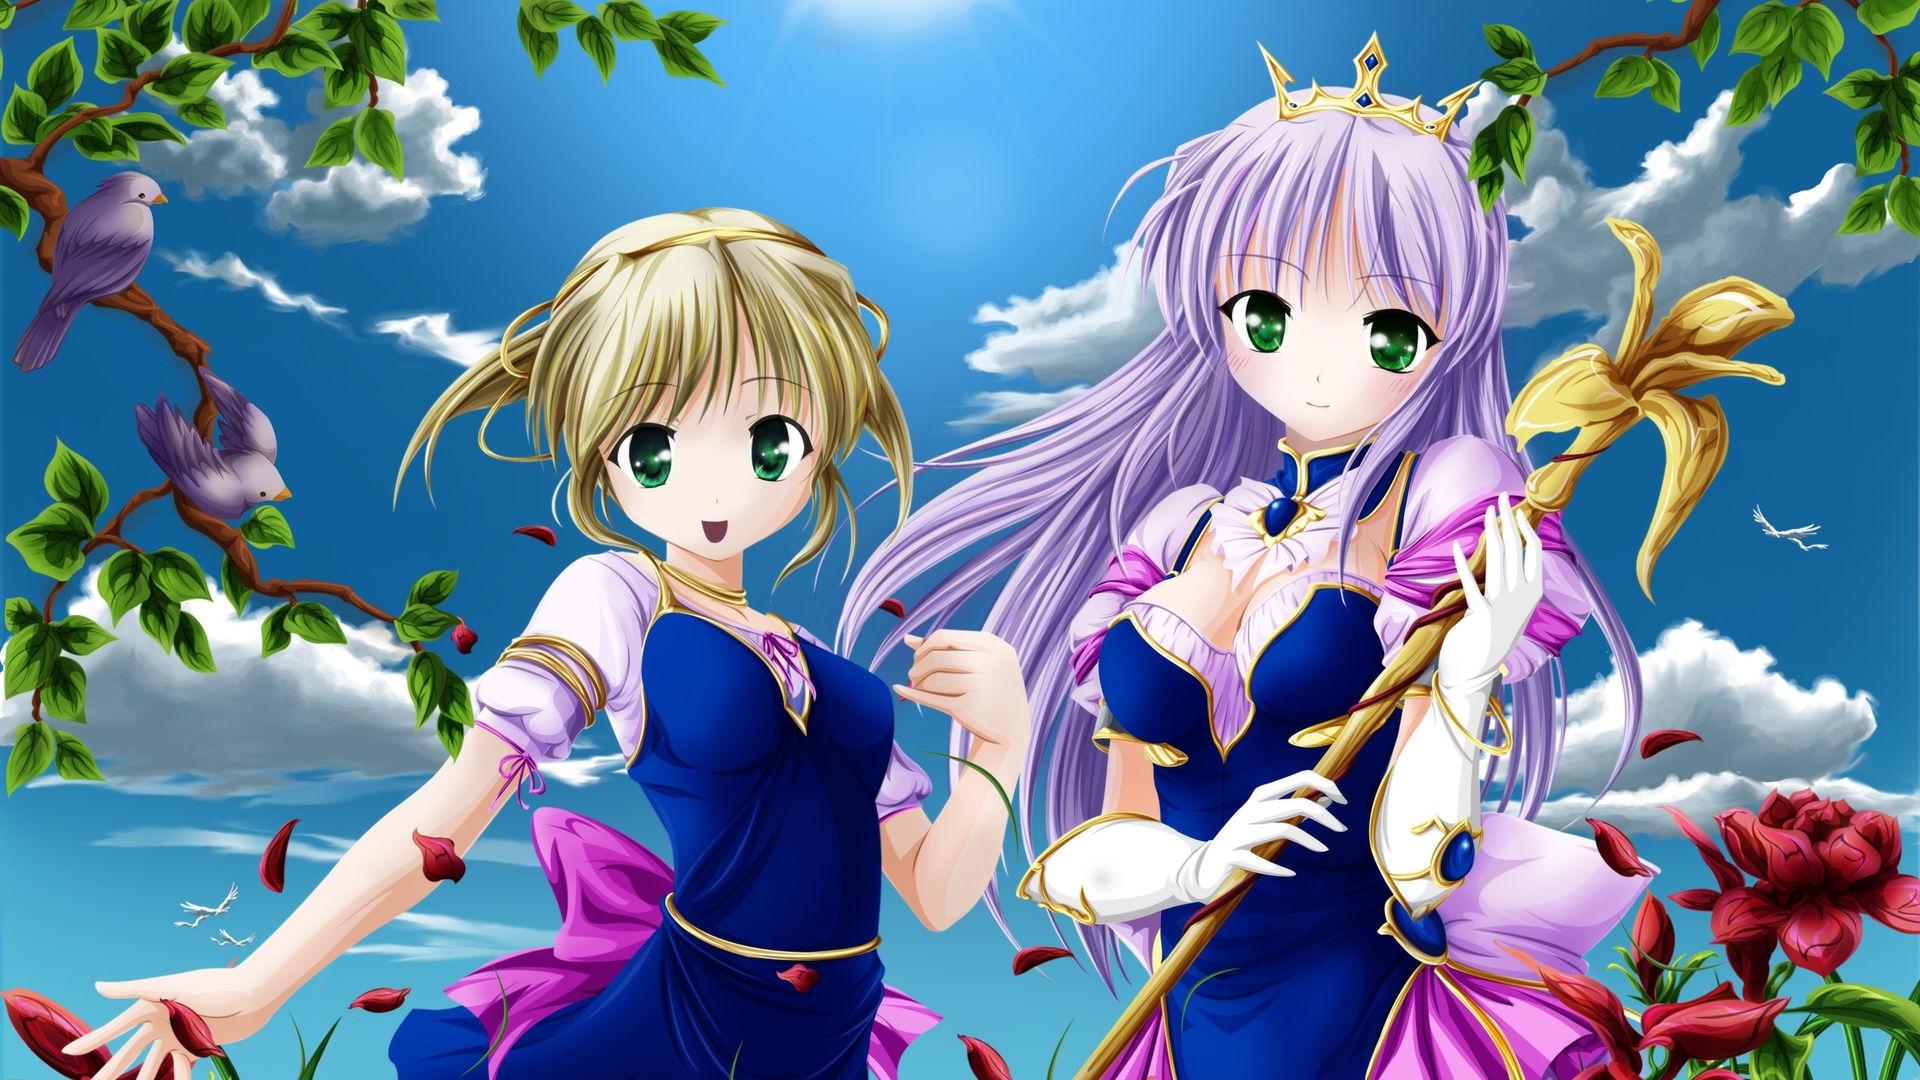 Девочки аниме на рабочий стол обои (3)